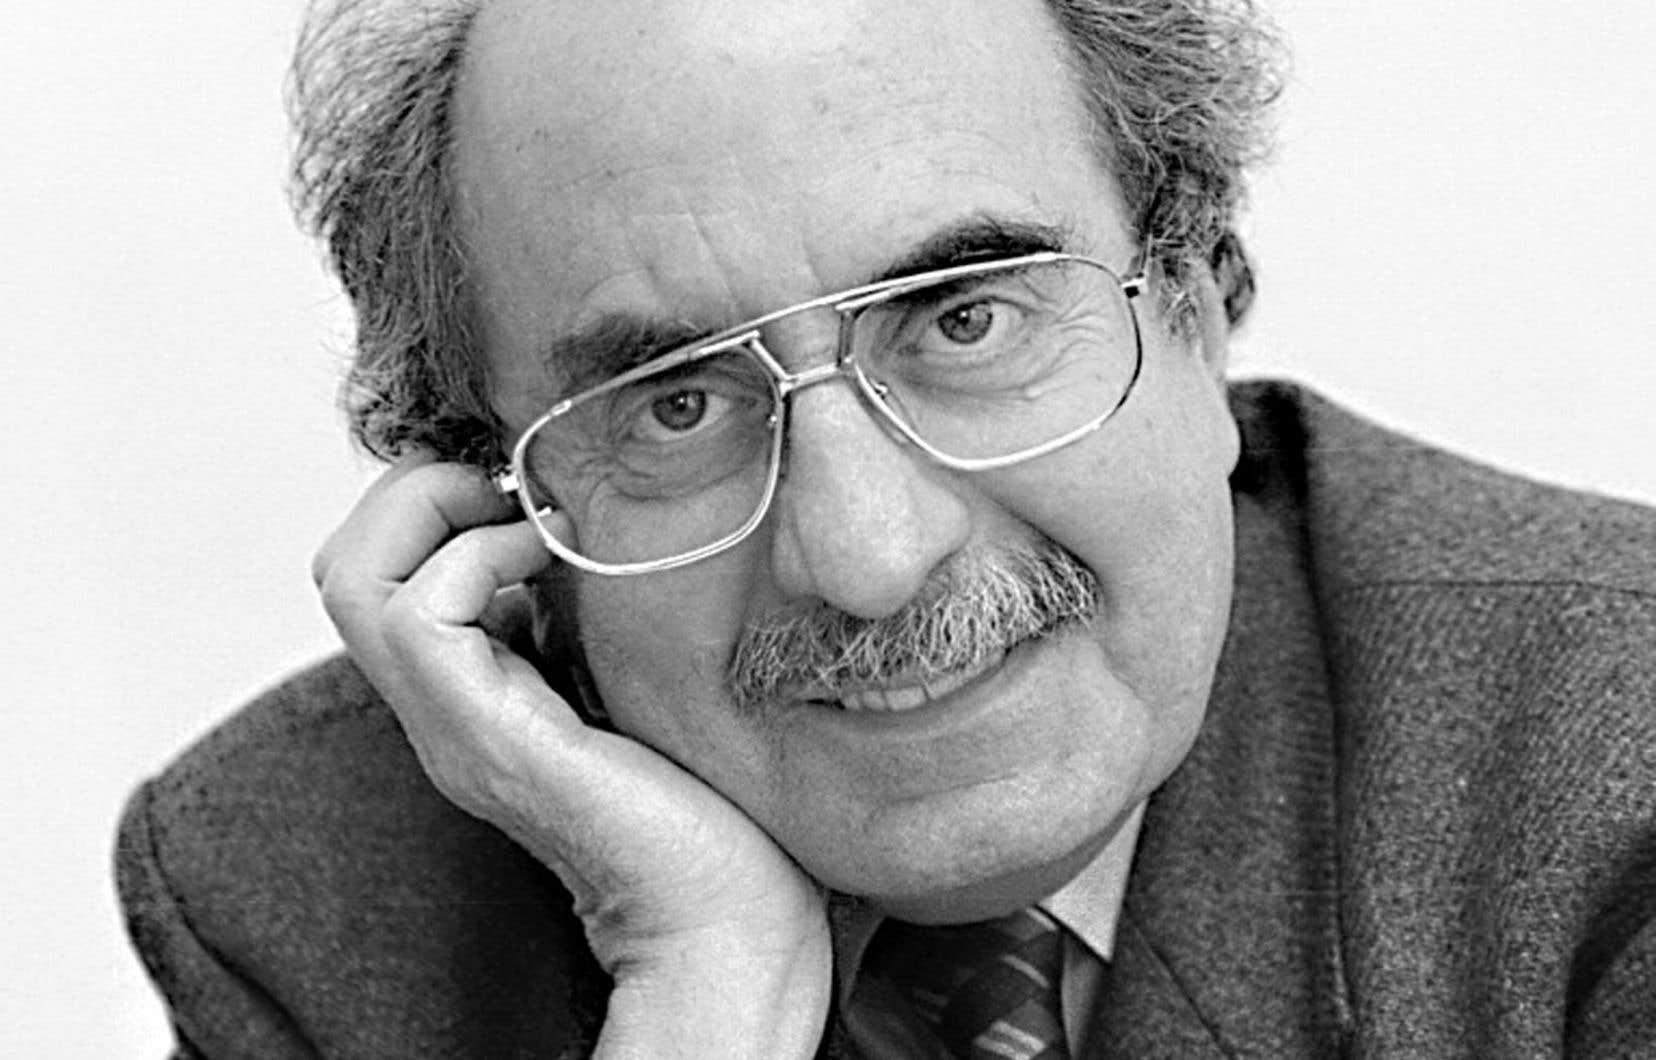 Selon l'auteur, le discours de Naïm Kattan sur la langue et la foi au sein de l'identité nationale canadienne-française avait un caractère avant-gardiste et peut-être même visionnaire.